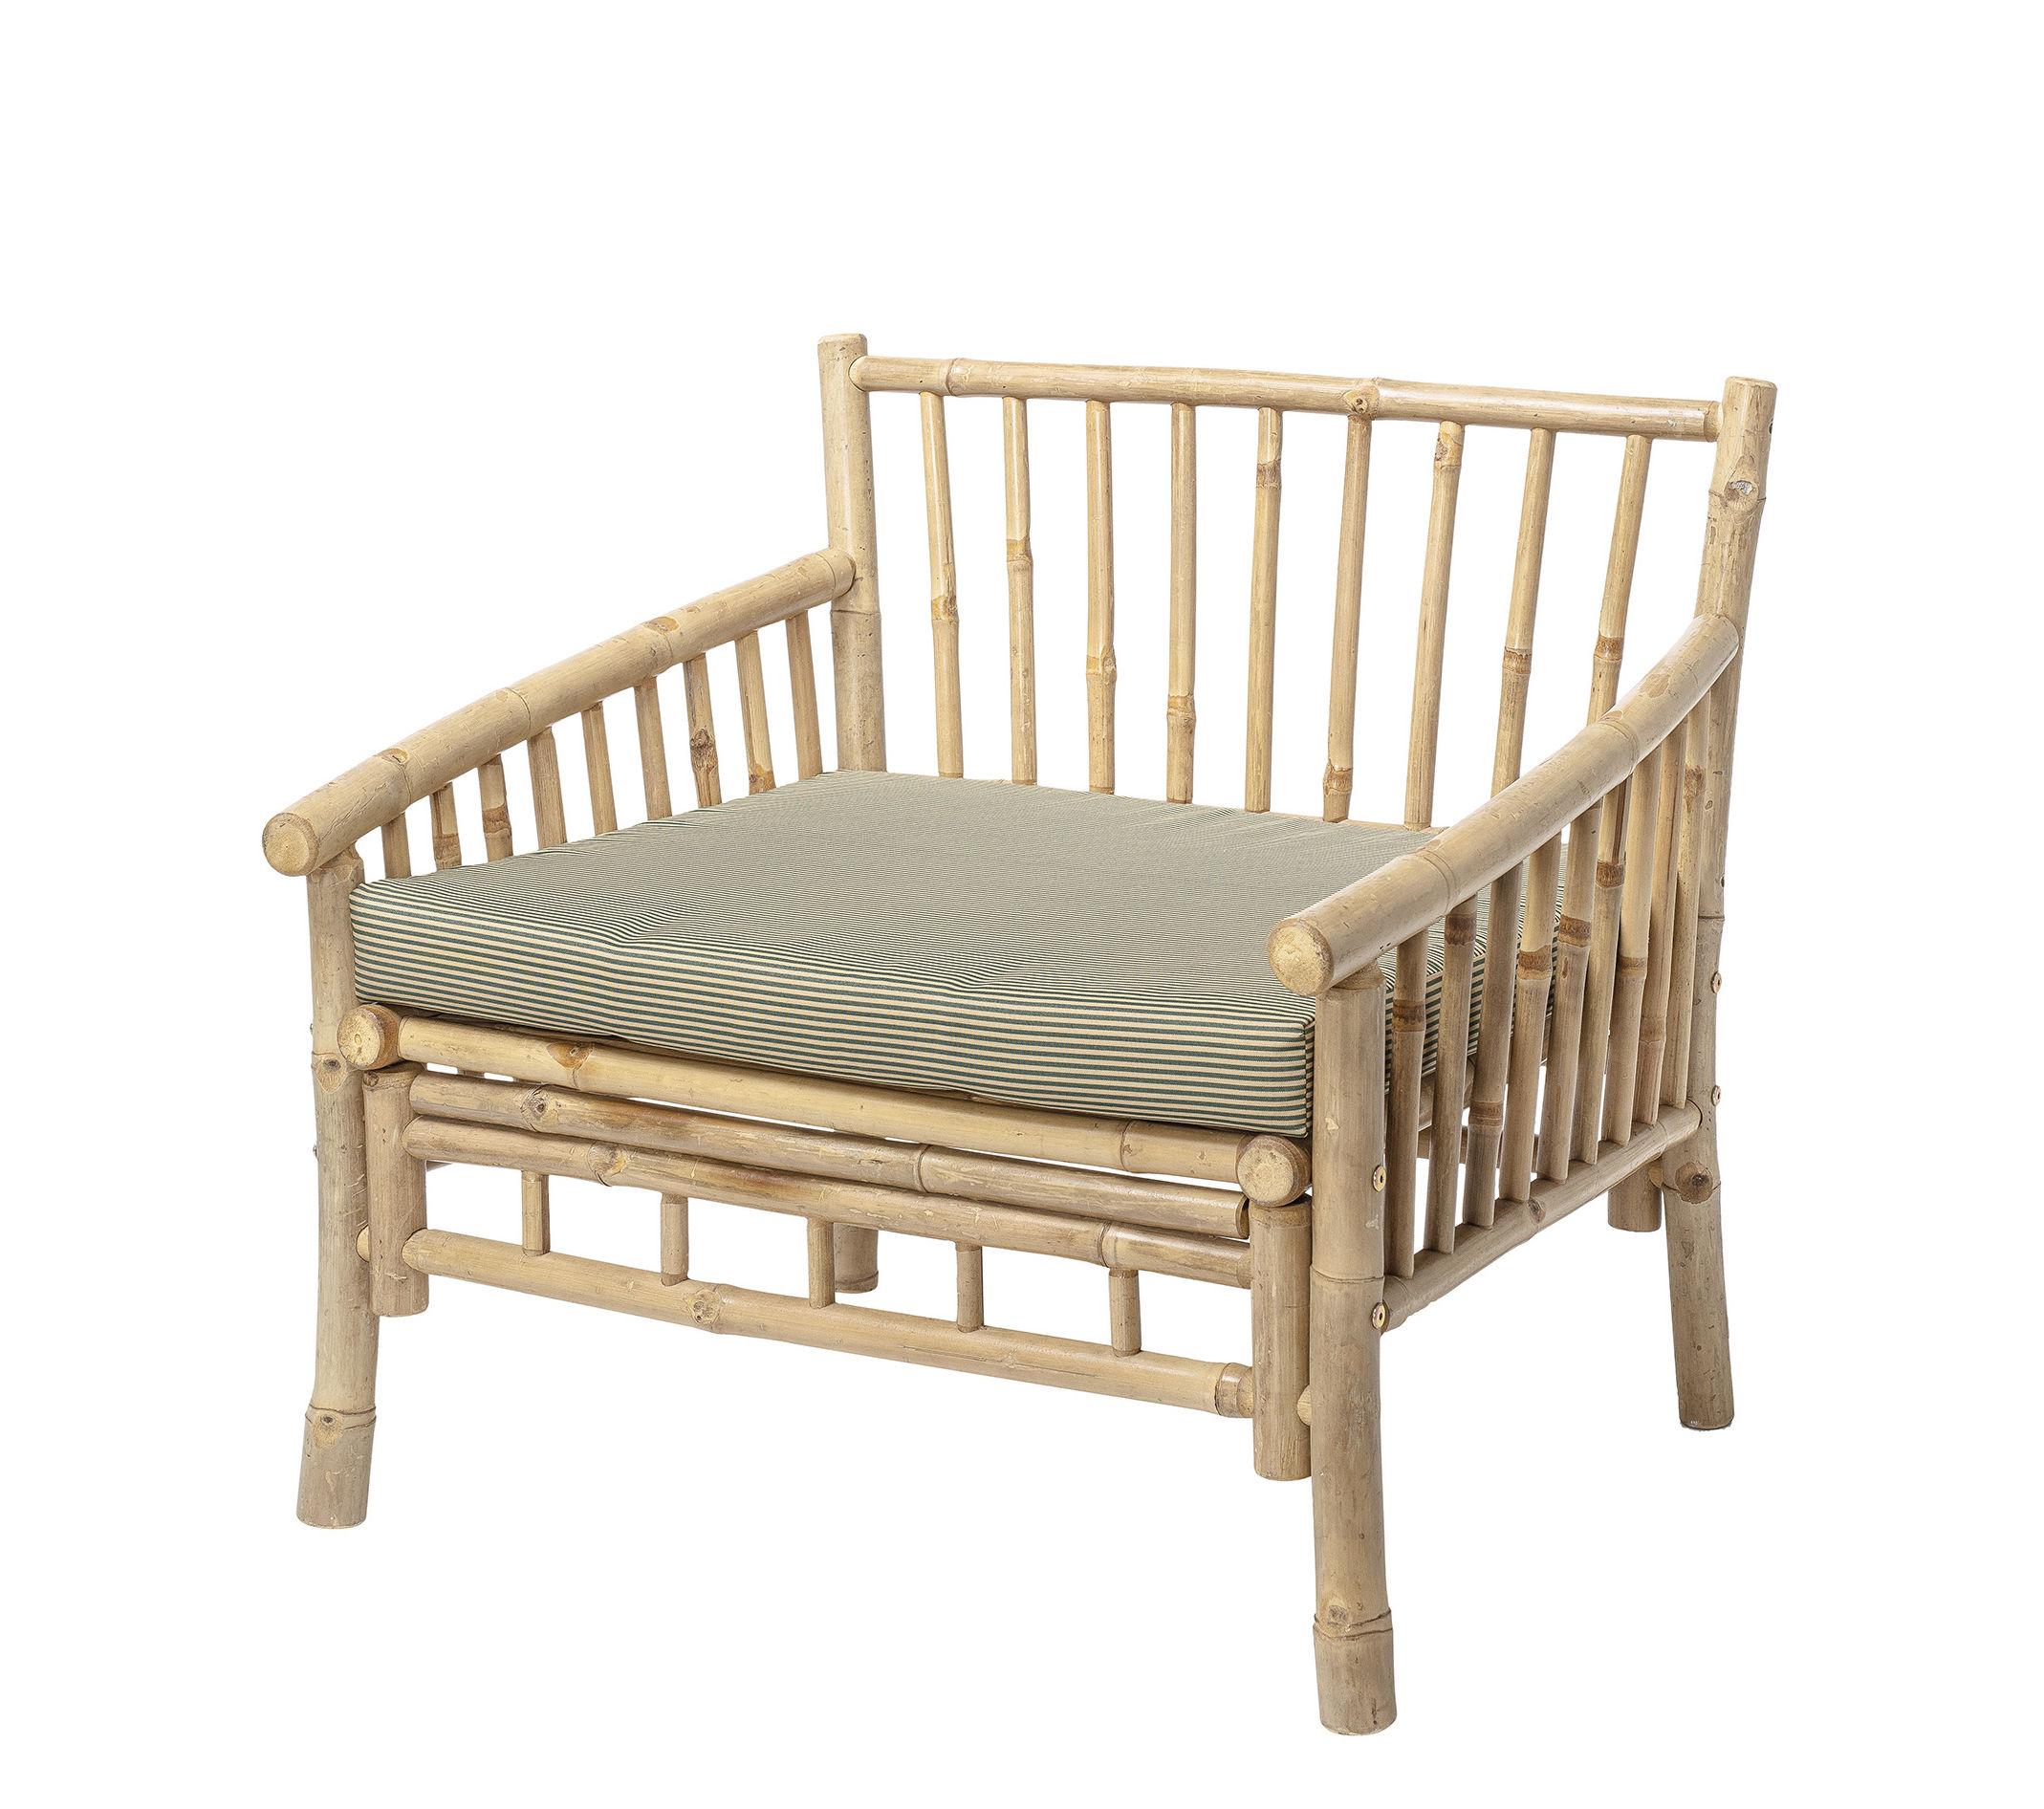 Mobilier - Fauteuils - Fauteuil Sole / Bambou - Avec coussin - Bloomingville - Bambou / Coussin rayé beige - Bambou, Tissu